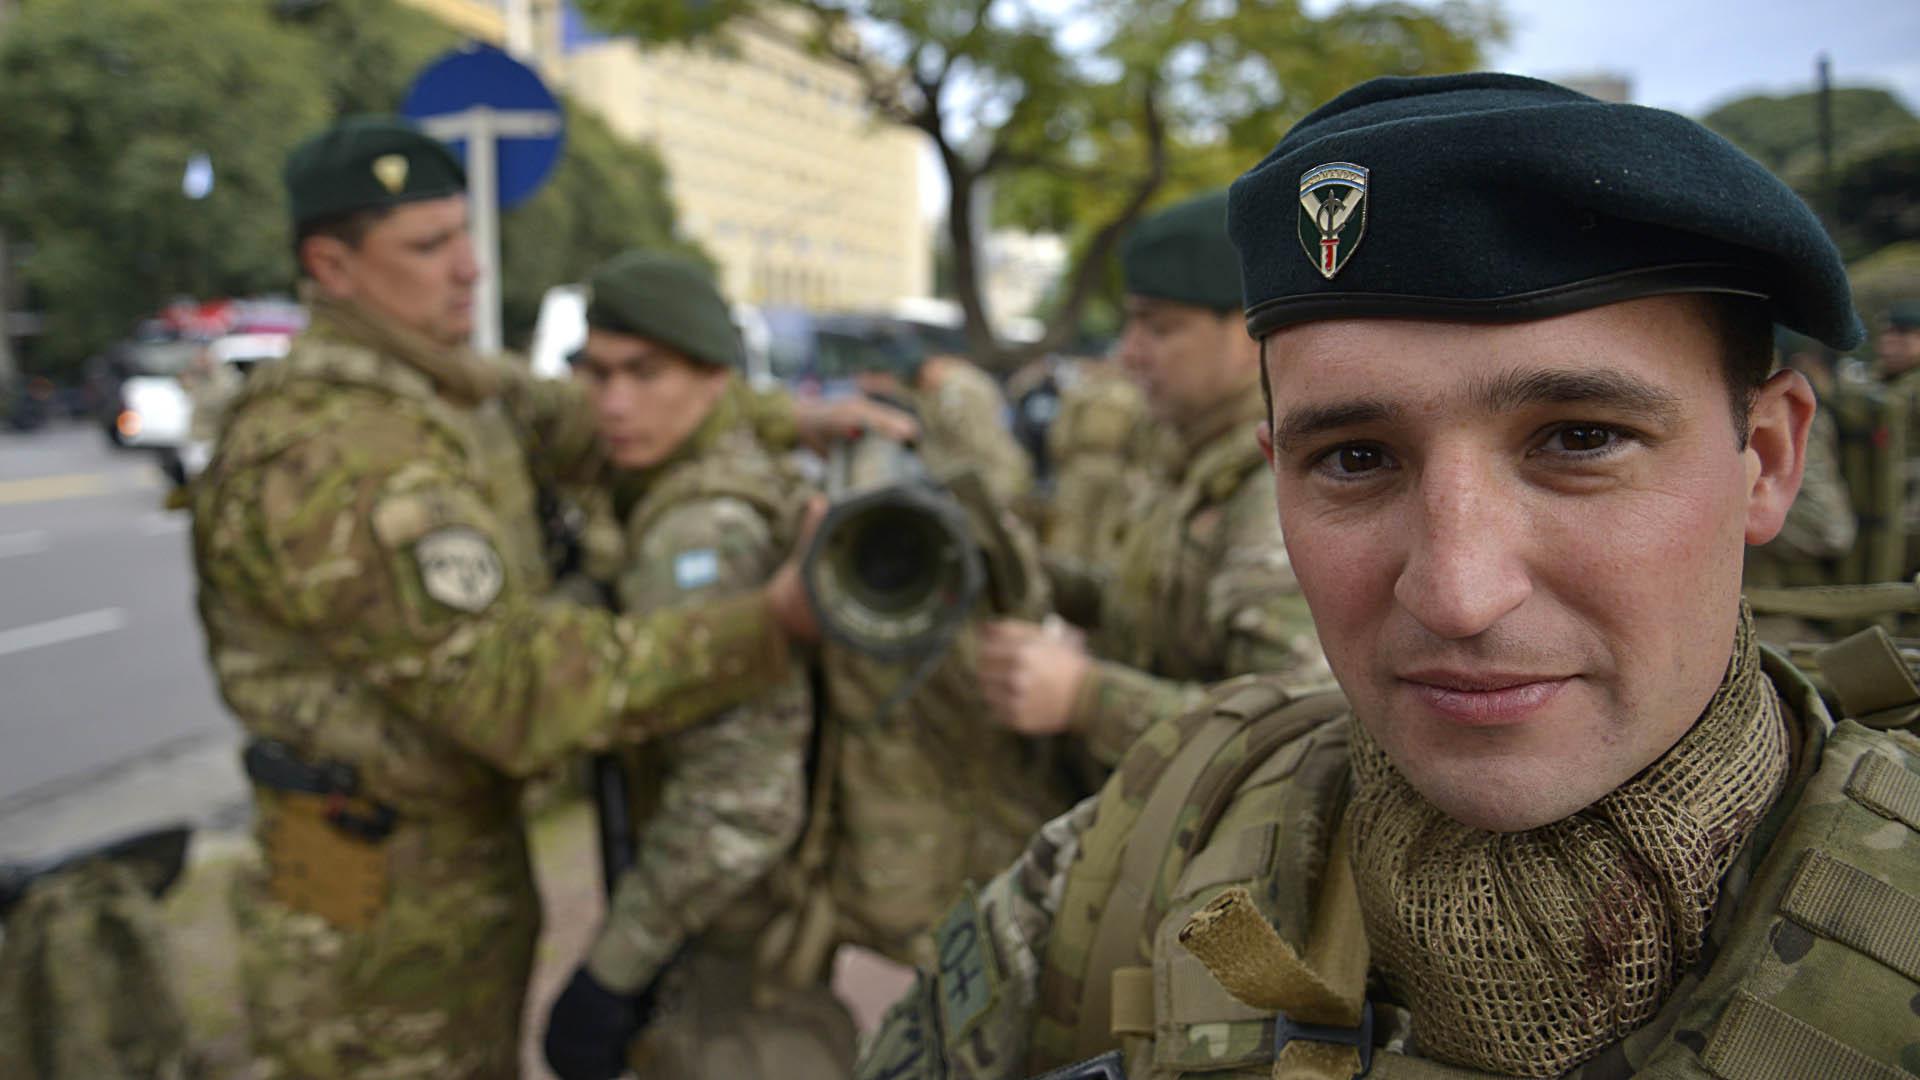 Los soldados del Ejército preparándose para el acto en Palermo